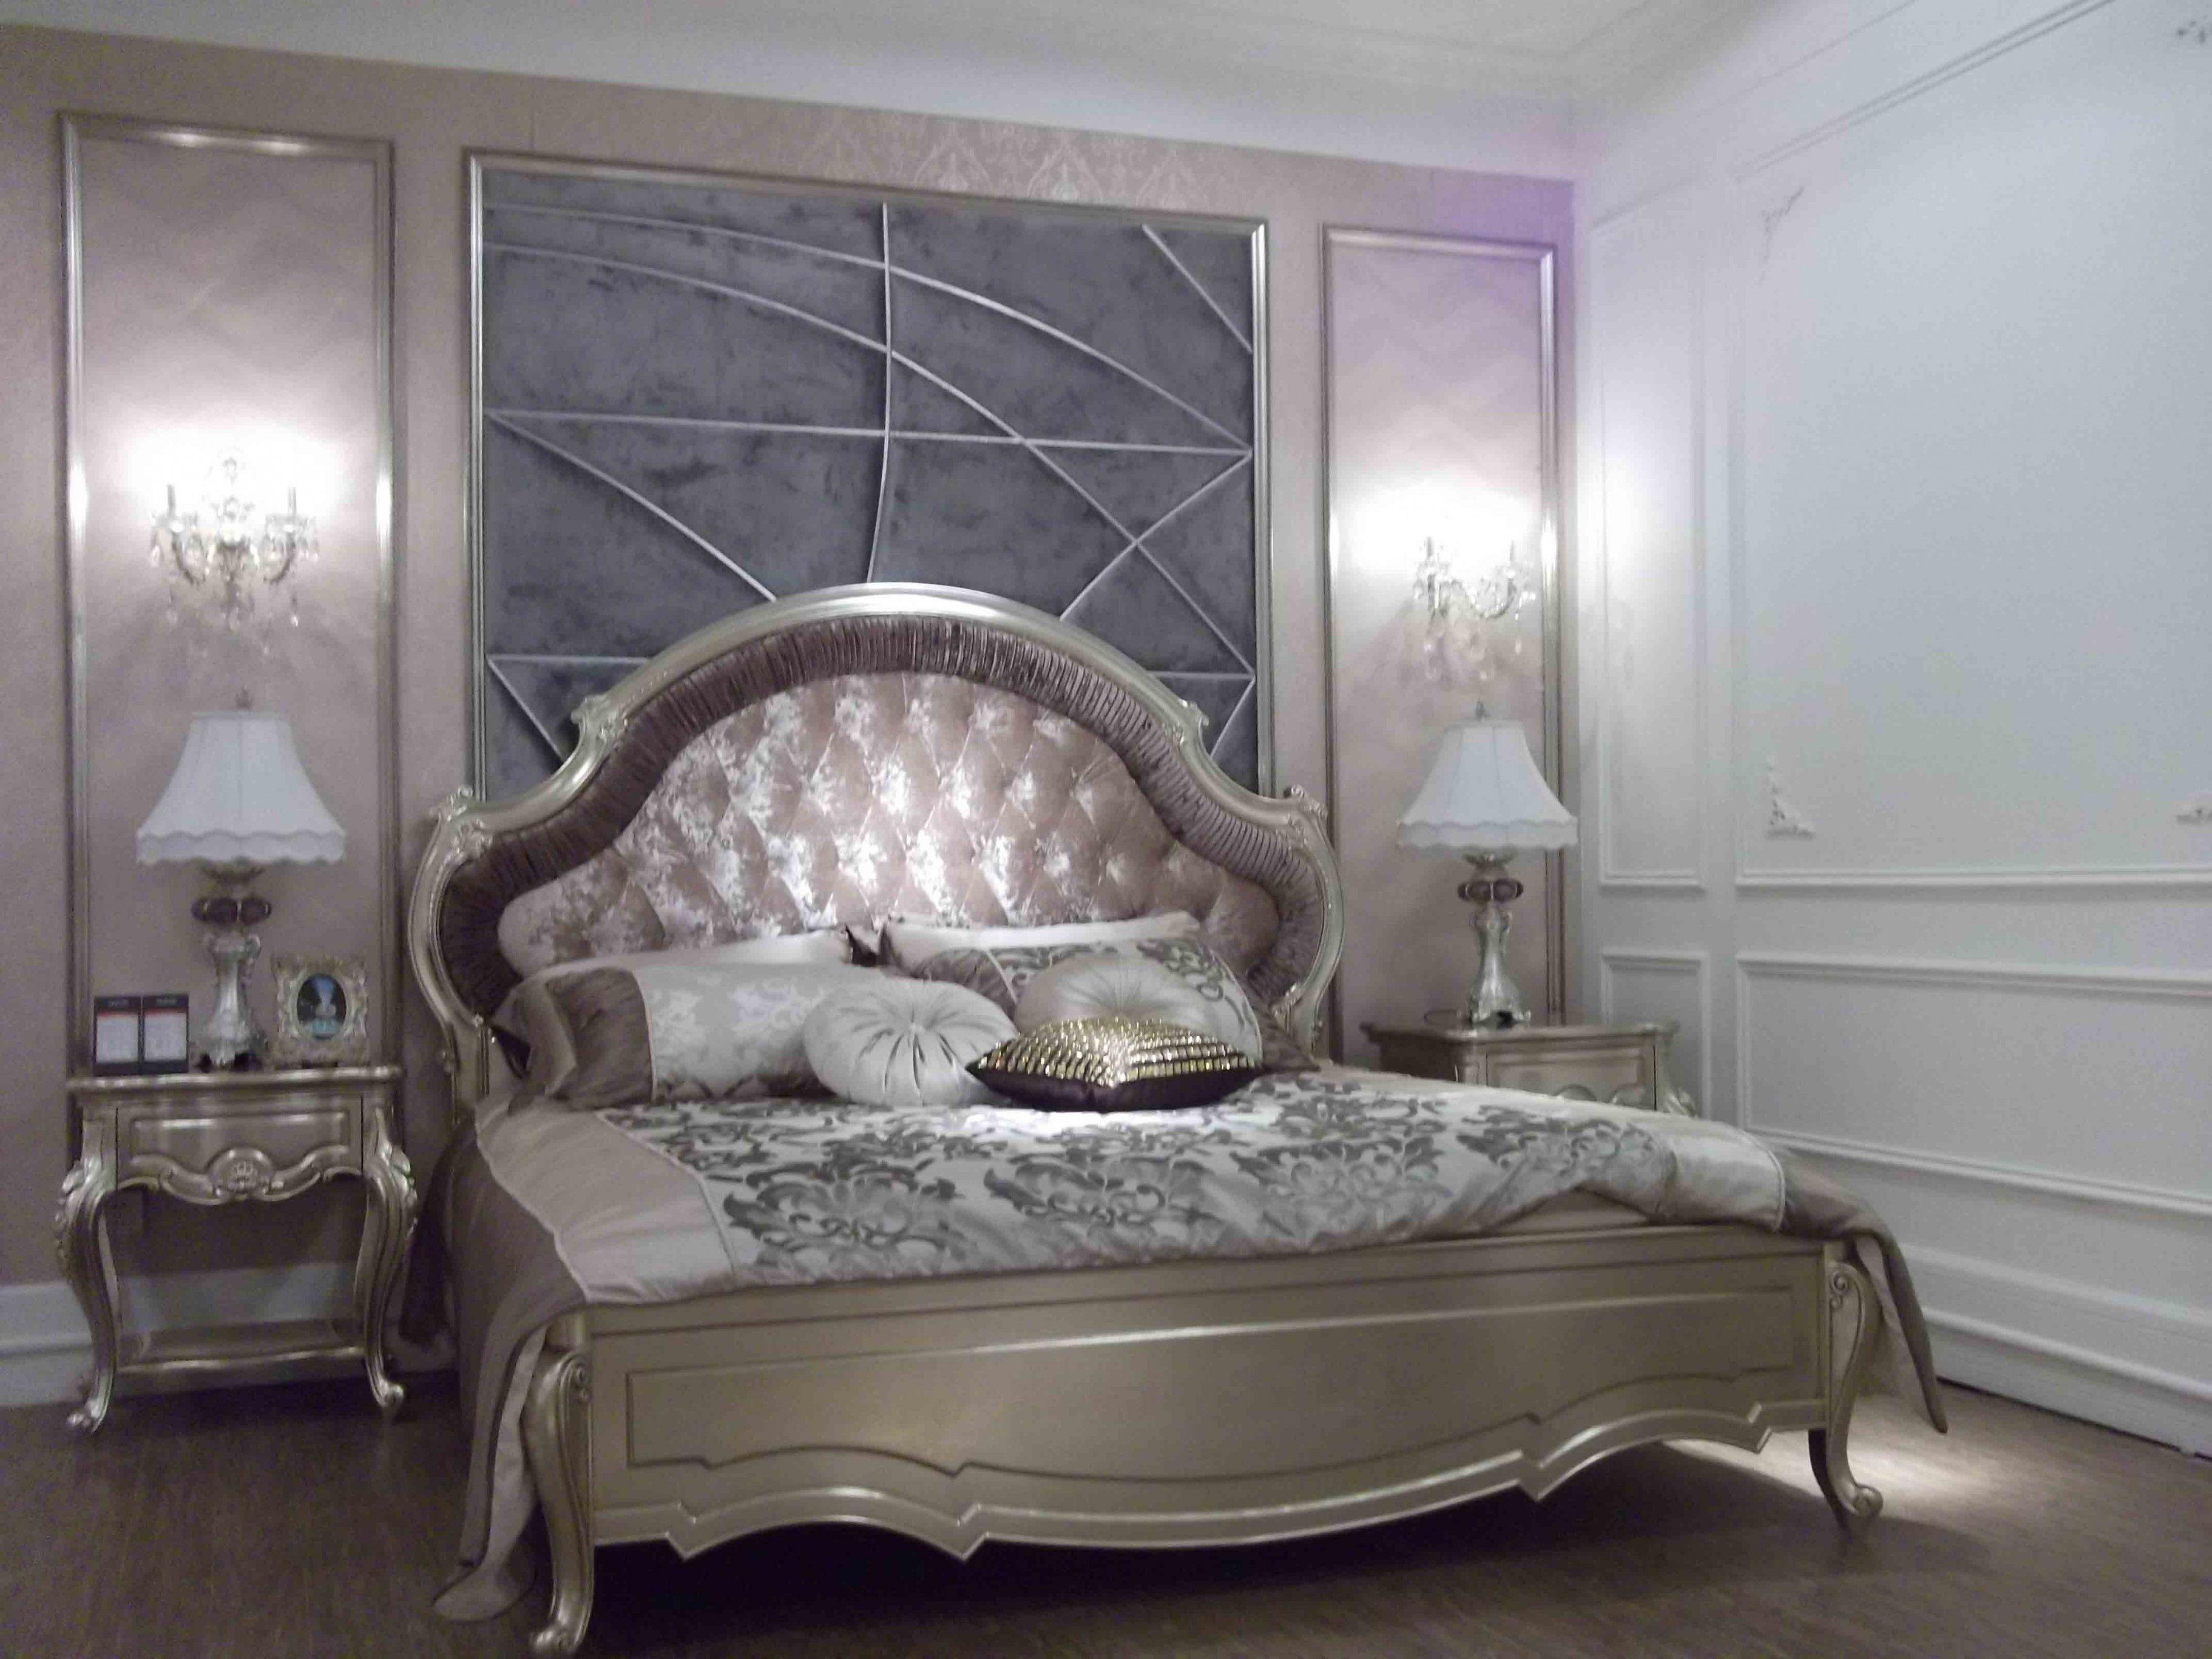 Designer Bett Designs Schlafzimmer Einrichtung Ideen Weiß ...